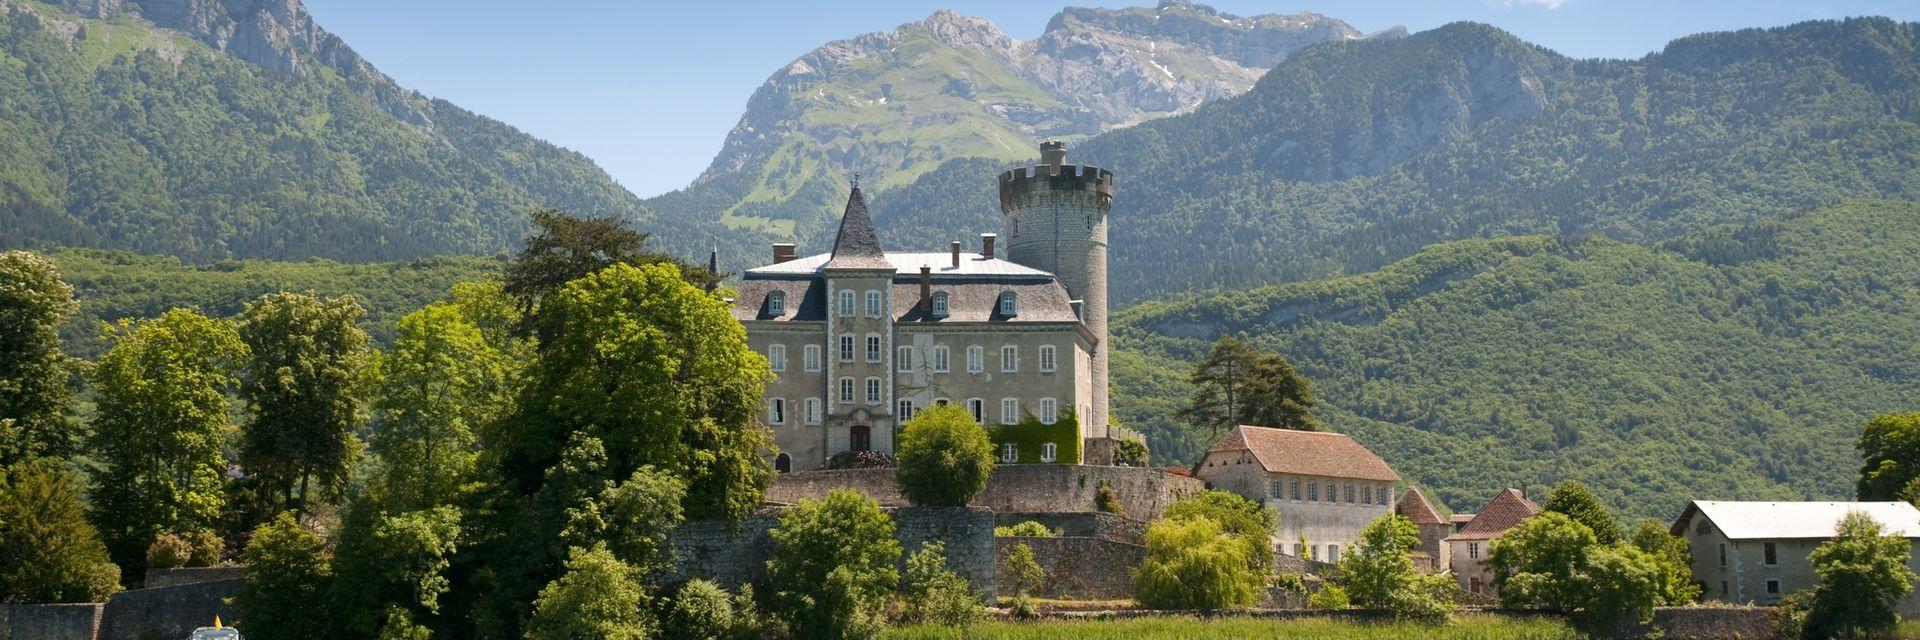 Vakantiehuis Rhône-Alpes? Bekijk alle vakantiehuizen